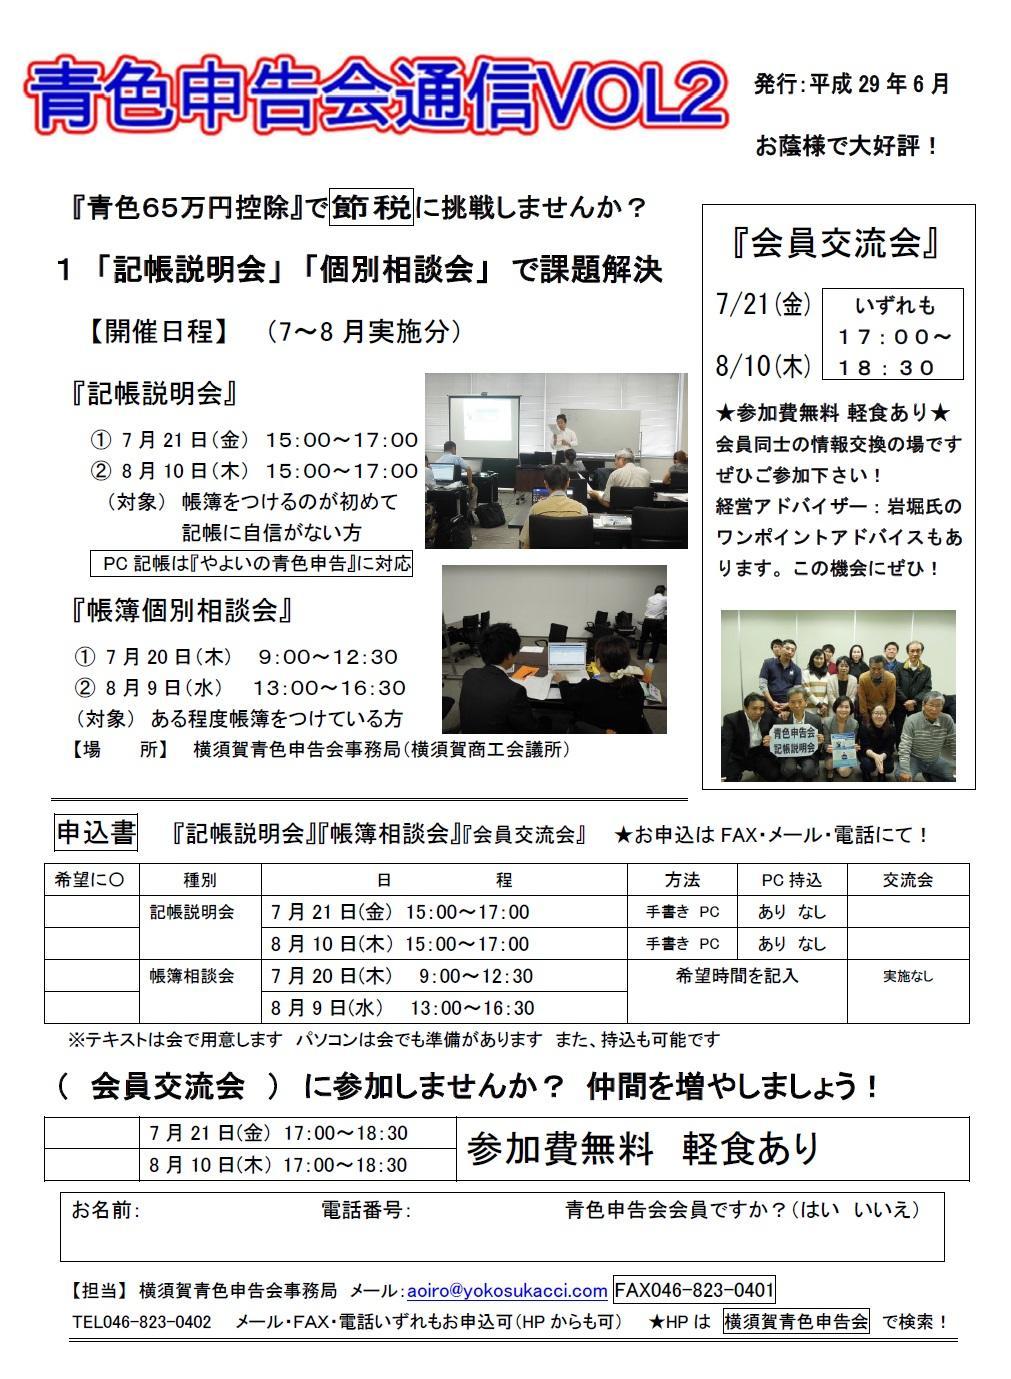 7~8月実施『記帳説明会・個別相談会』の日程について(ご案内)